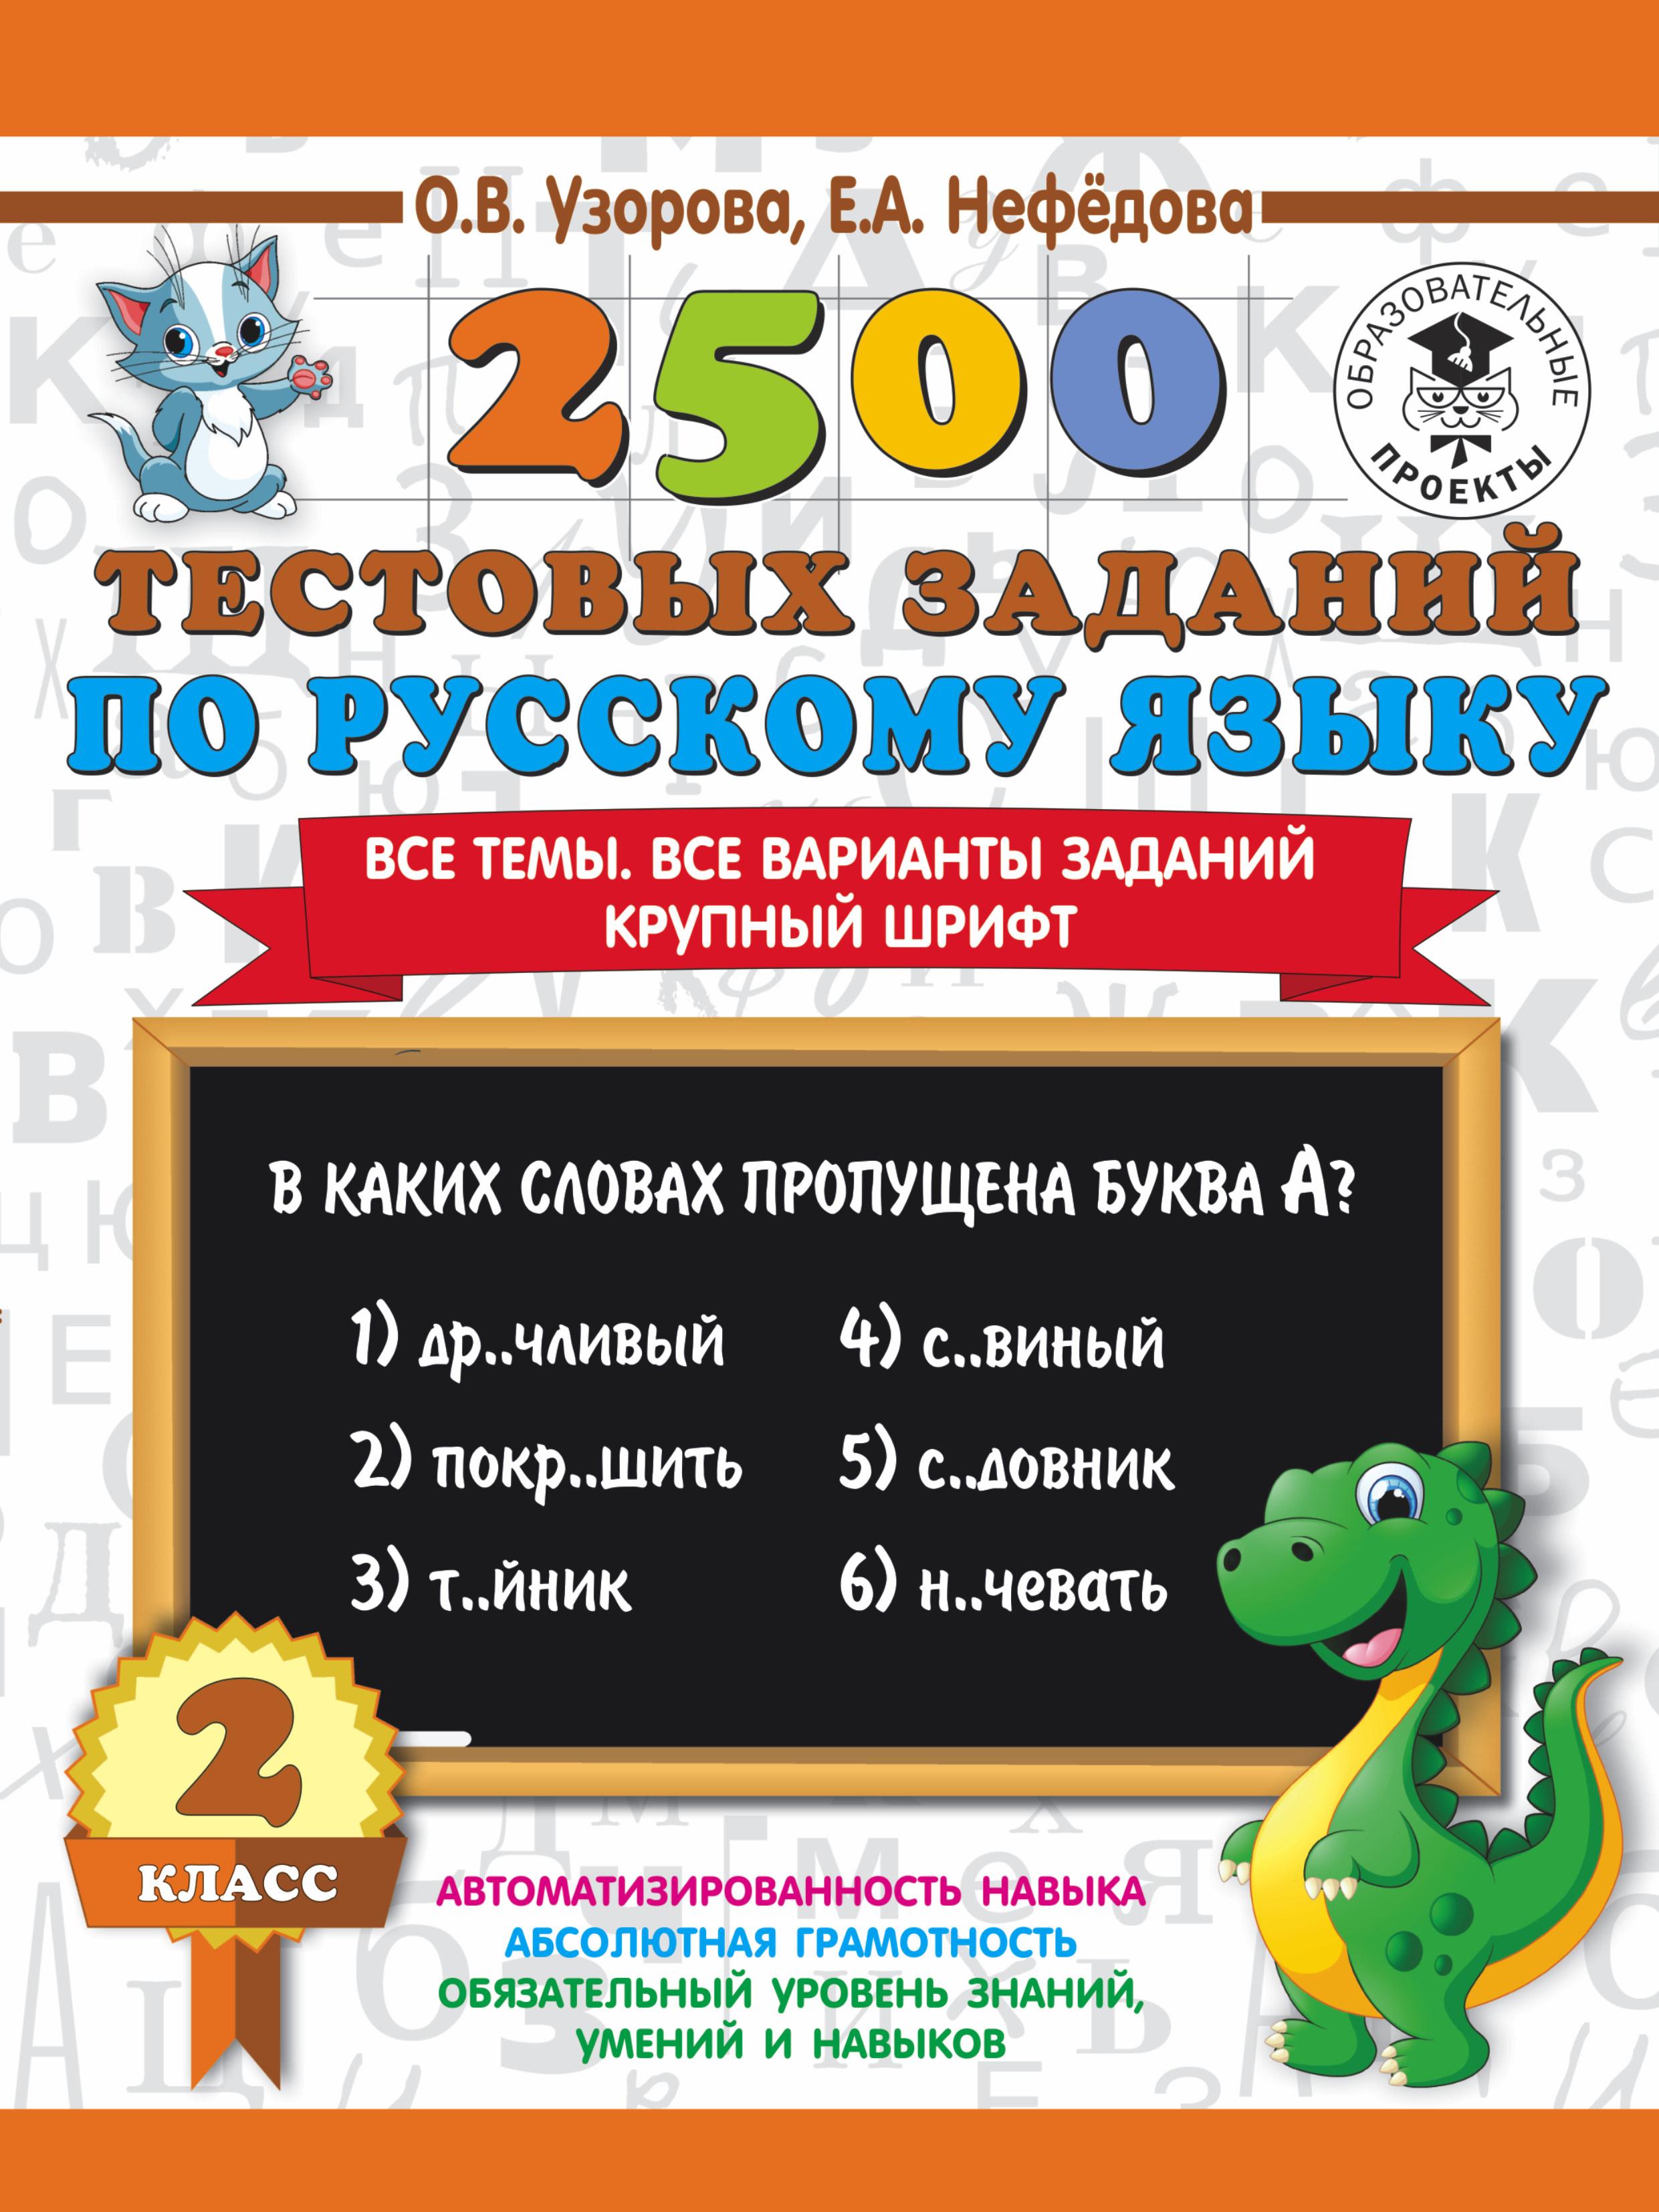 Узорова О.В. 2500 тестовых заданий по русскому языку. 2 класс. Все темы. Все варианты заданий. Крупный шрифт